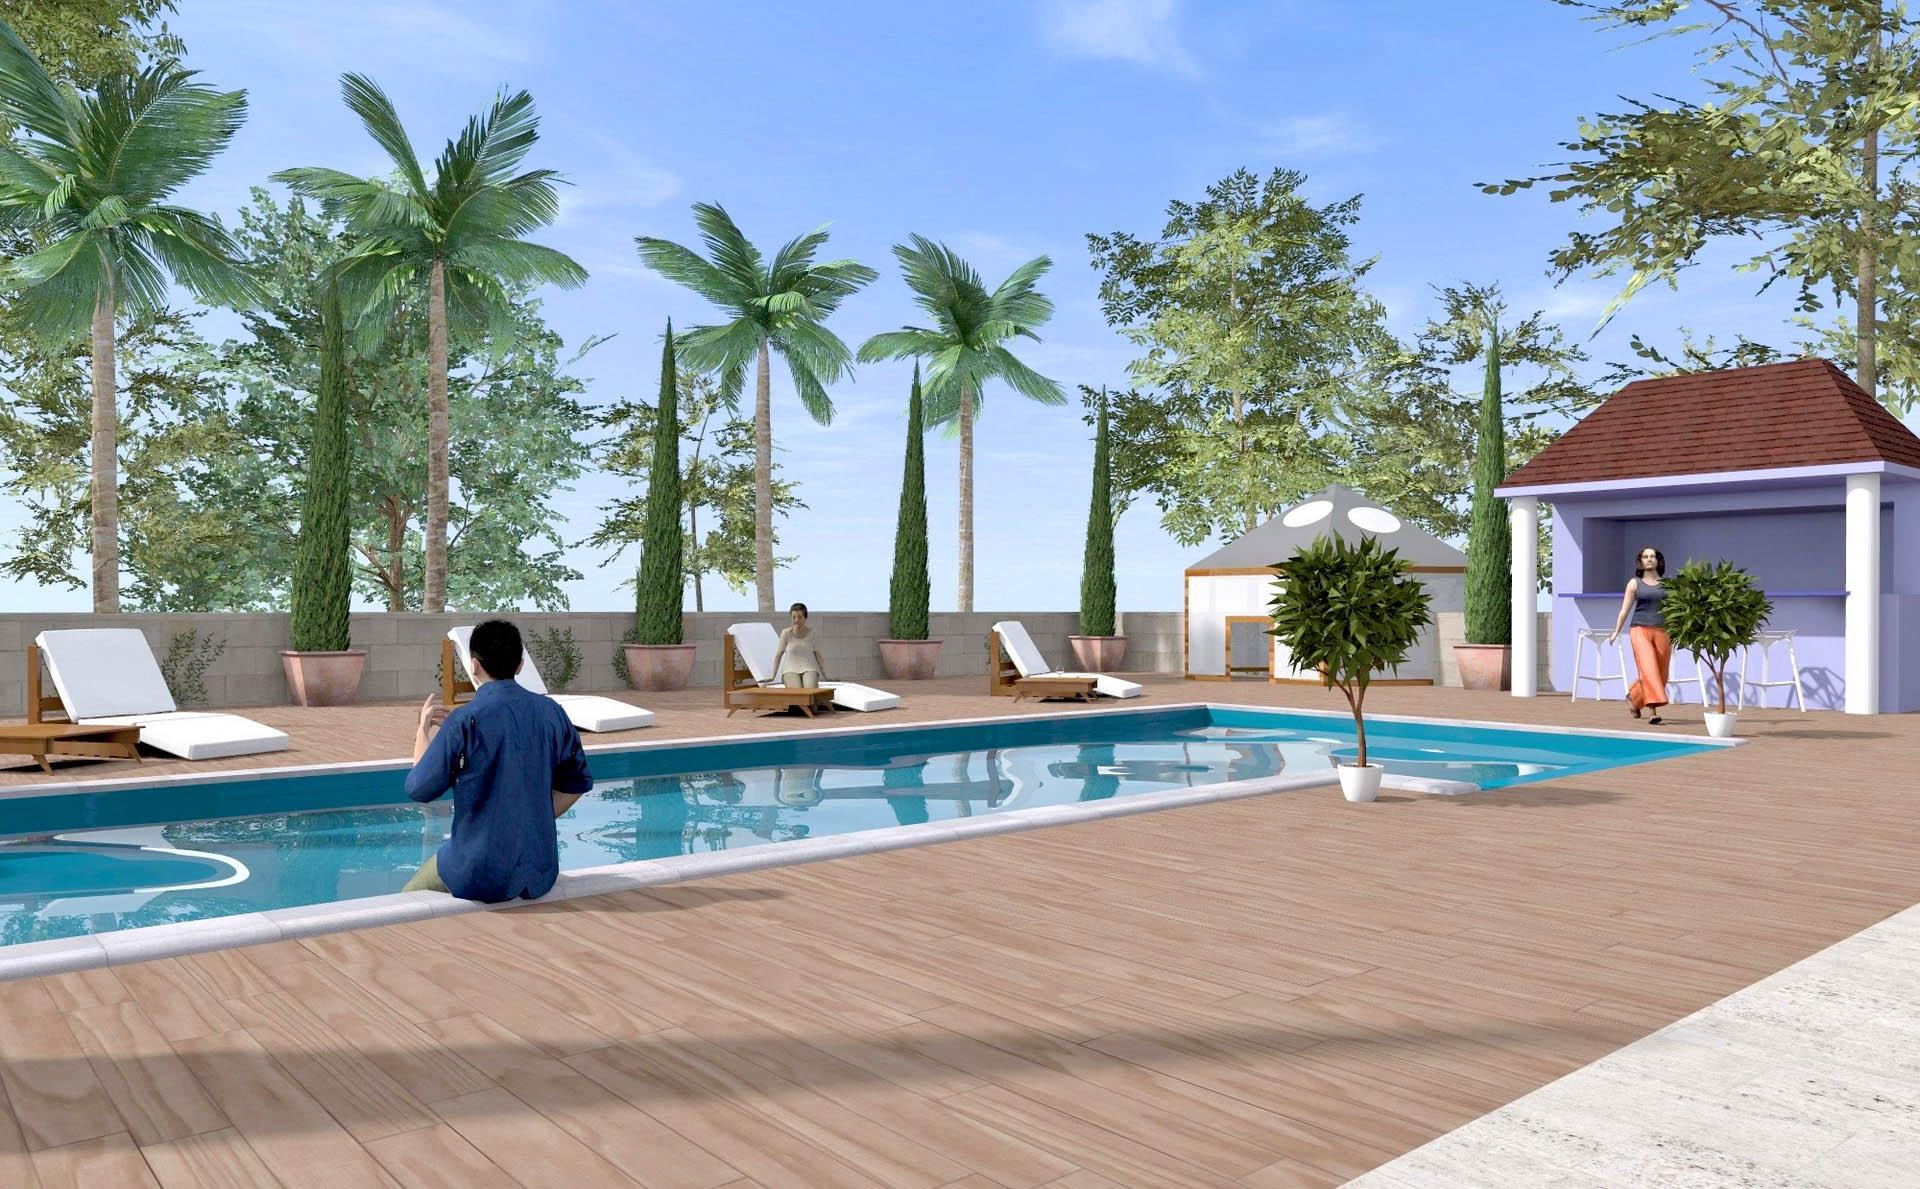 piscine luxe agence avous